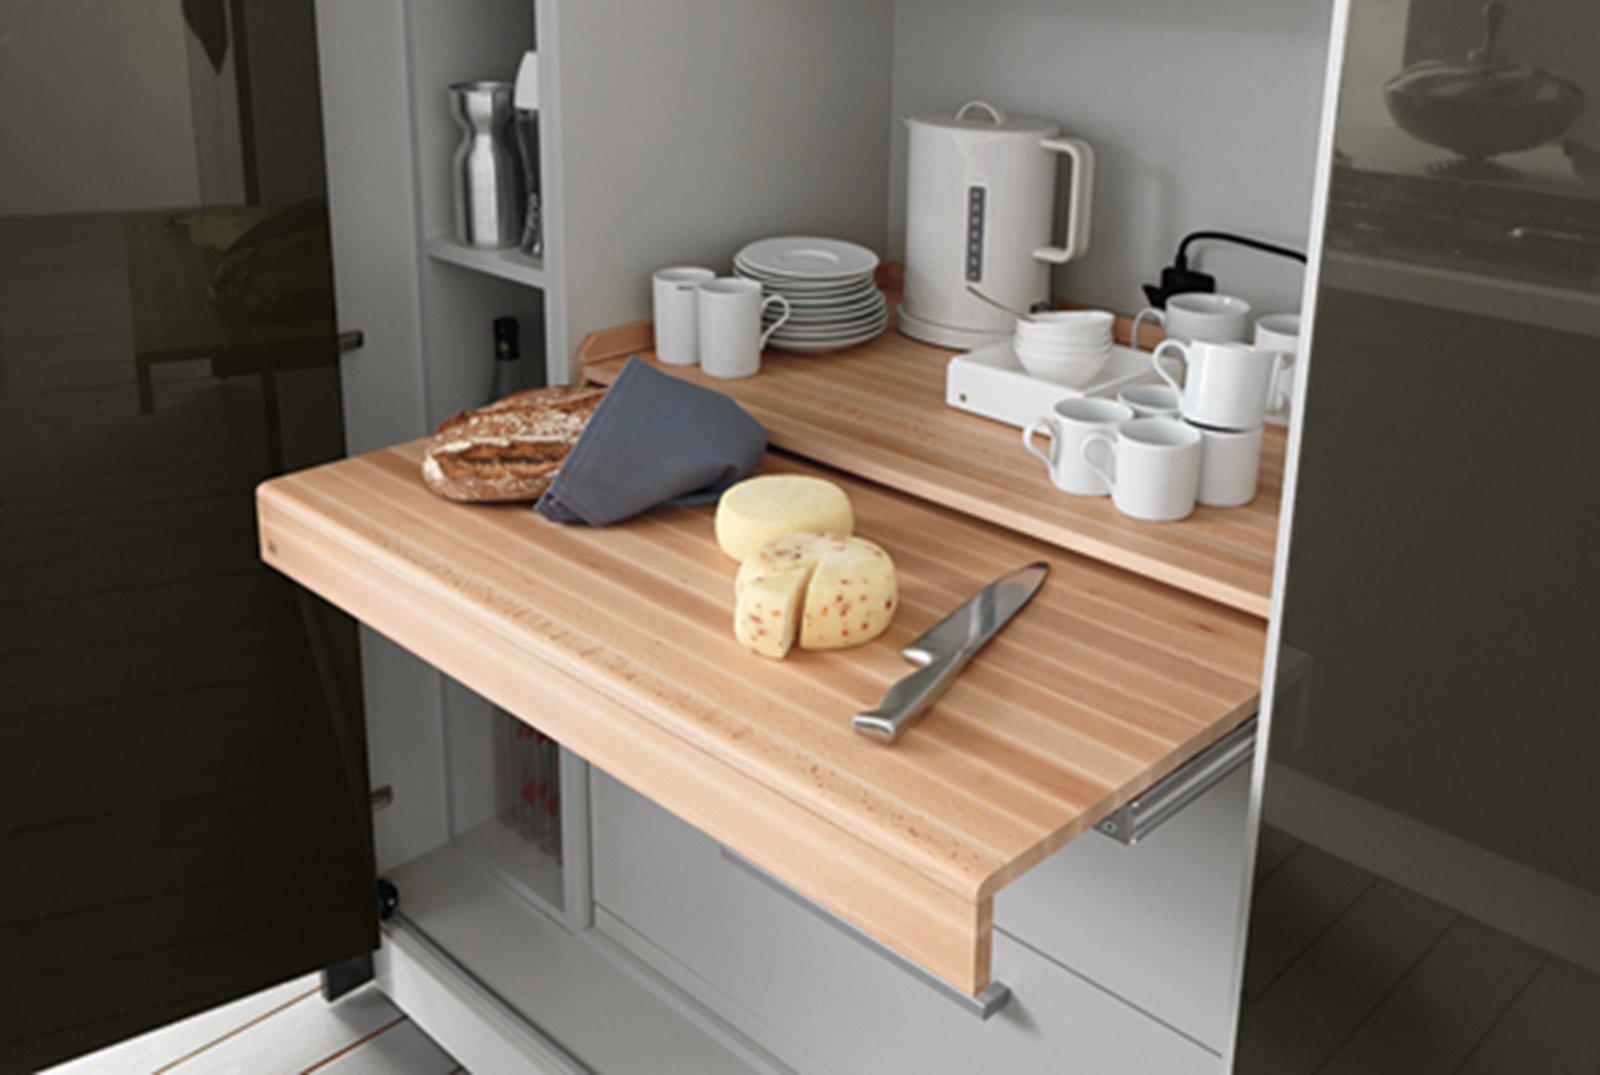 Funzionalit in cucina con le attrezzature giuste cose for Piani di casa sotto 100k da costruire